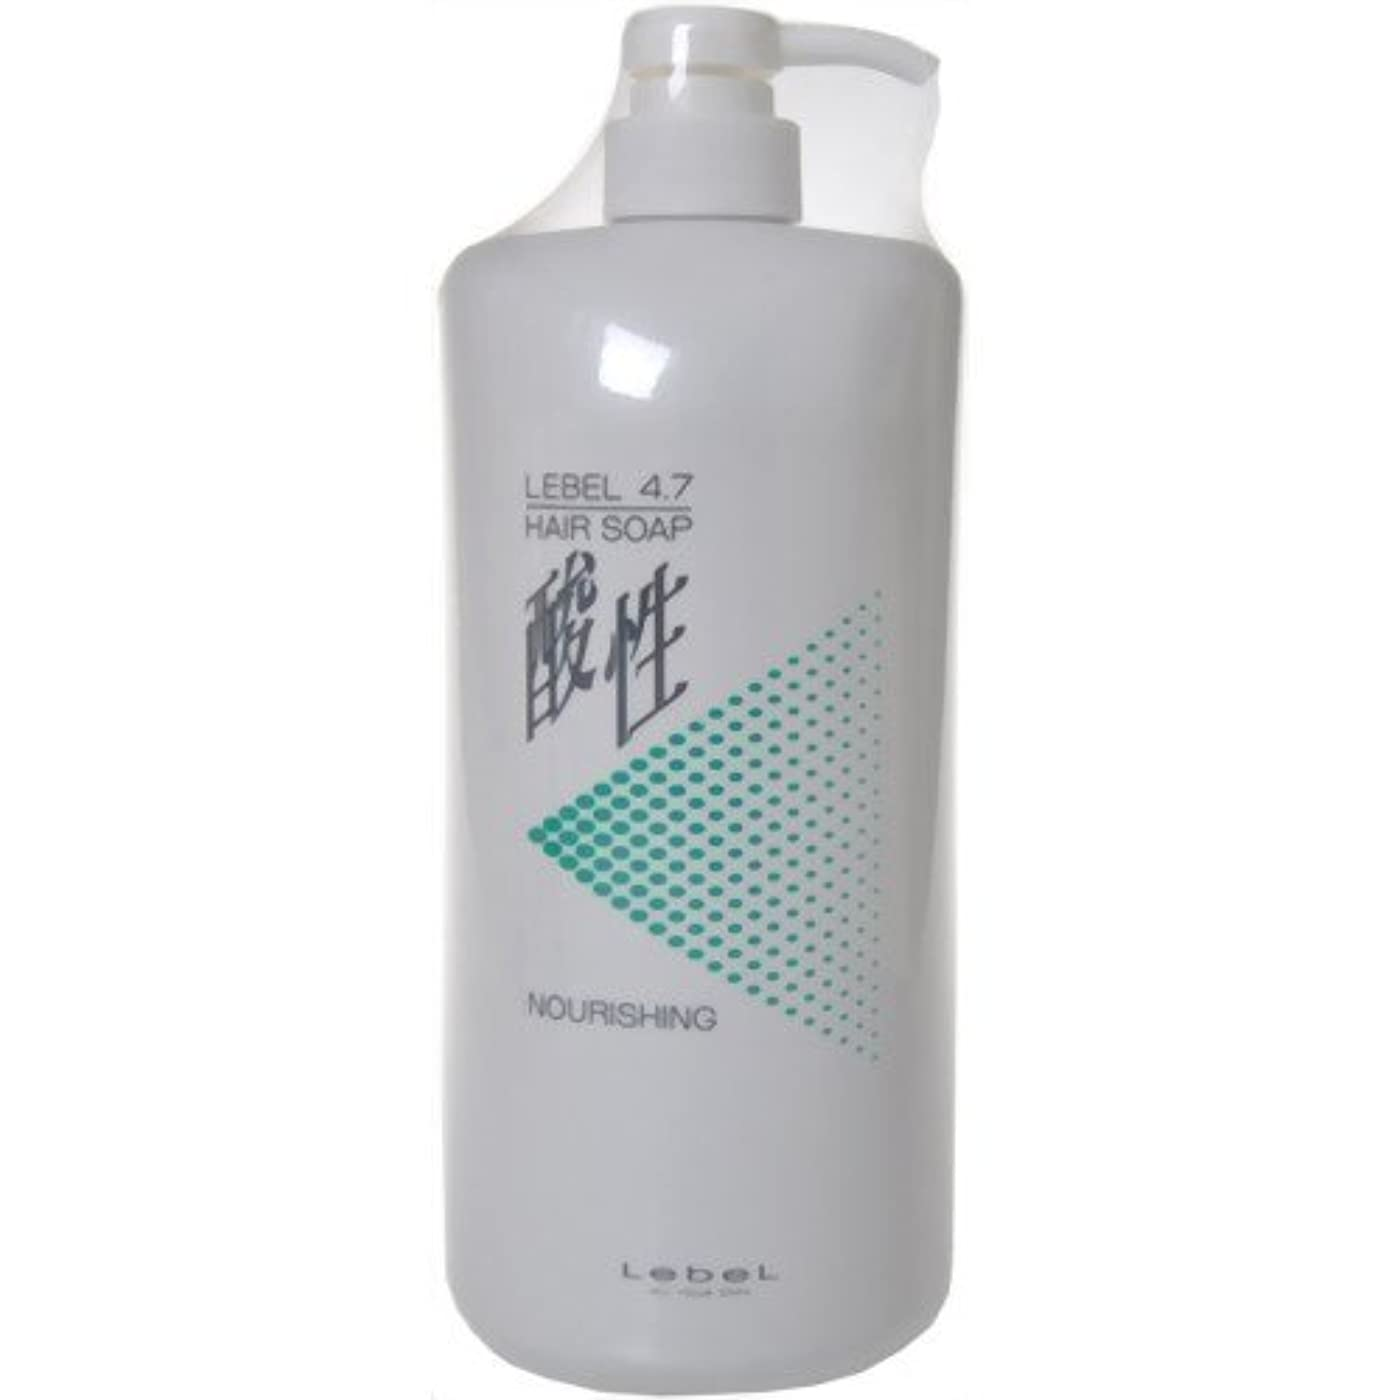 引き渡す悪性スキャンダラスLebeL(ルベル) 4.7酸性ヘアソープ ナリシング 1200ml